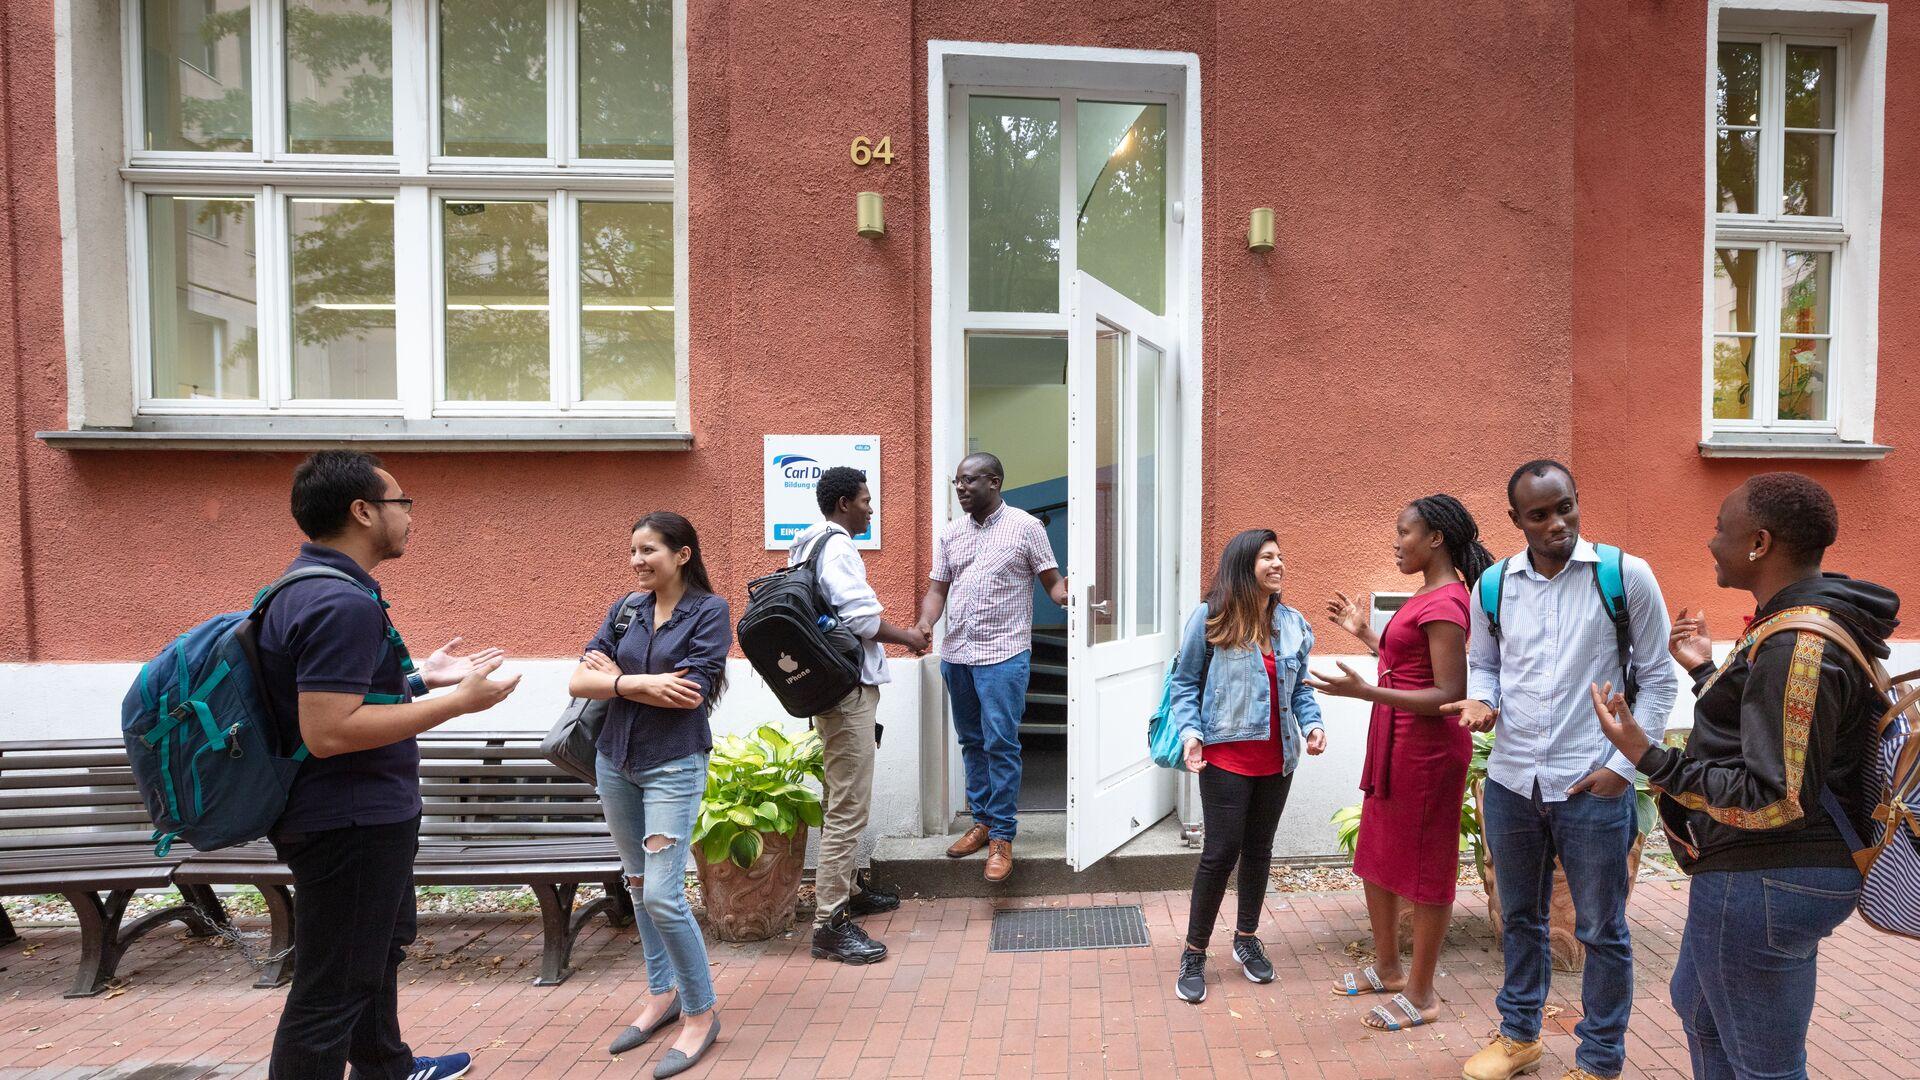 Sprachaufenthalt Deutschland, Berlin - Carlduisberg Centren Berlin - Schule